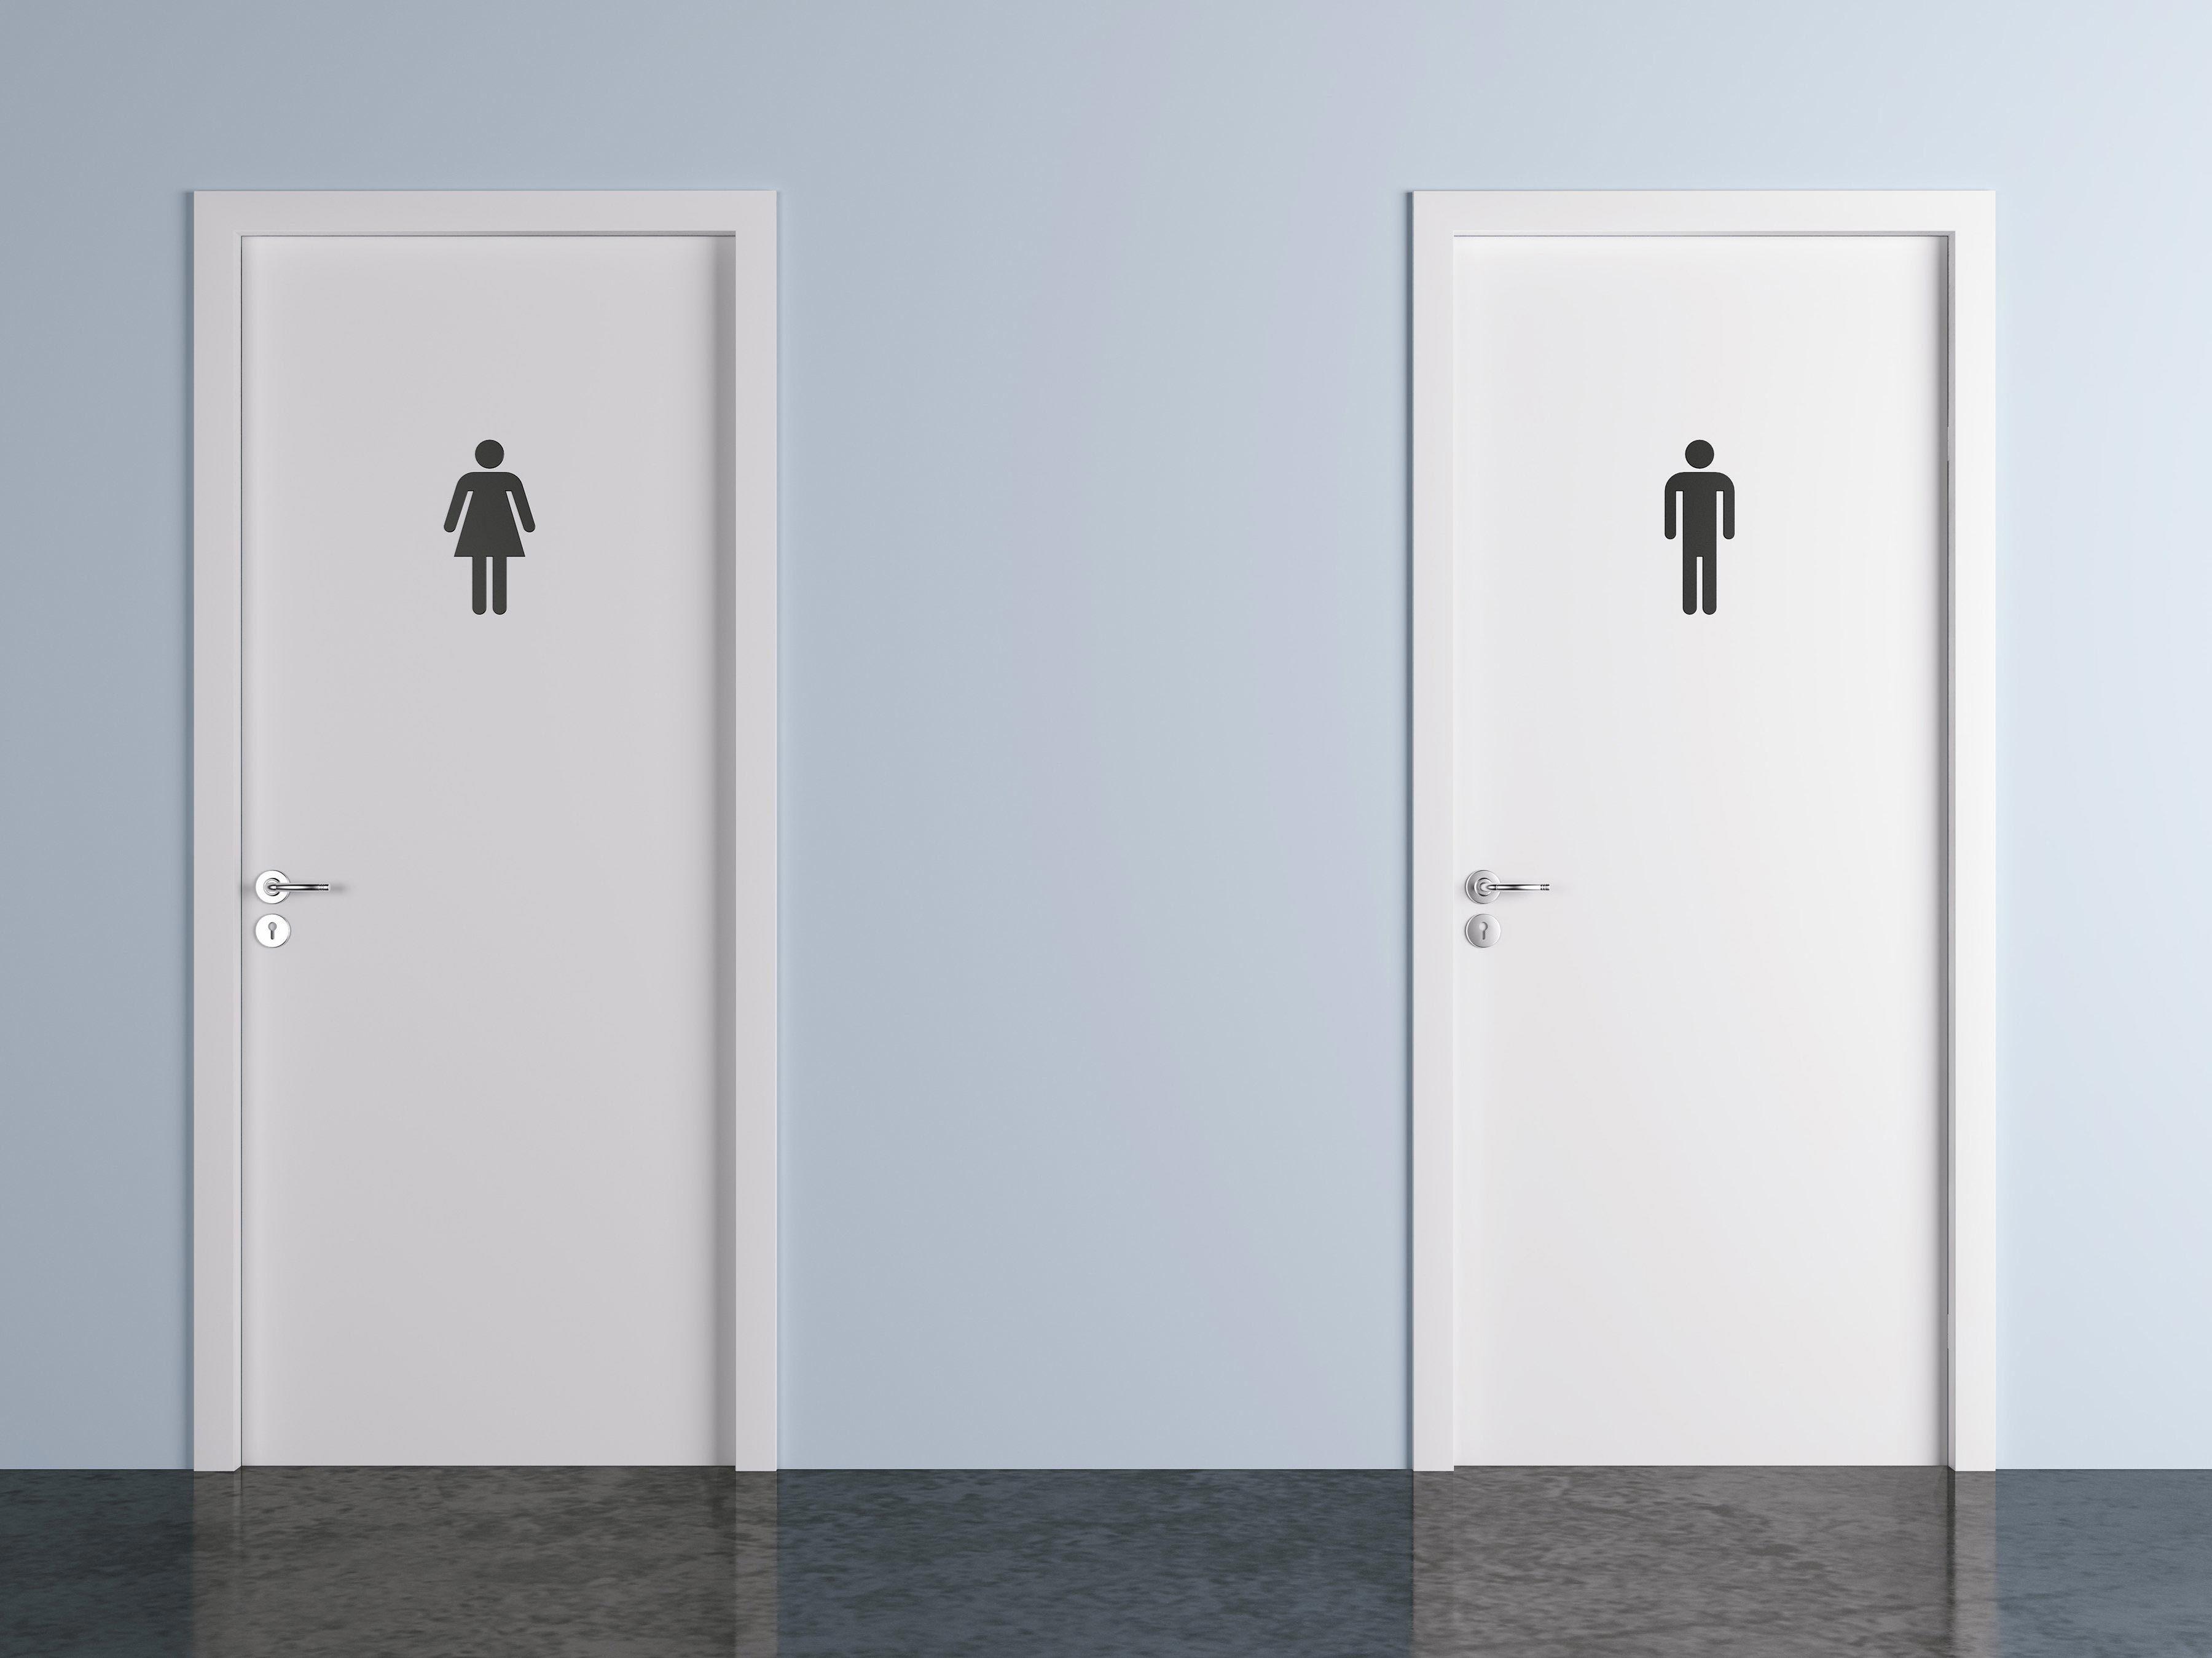 Les microbes des sièges de toilettes publiques ne sont pas les plus à craindre.